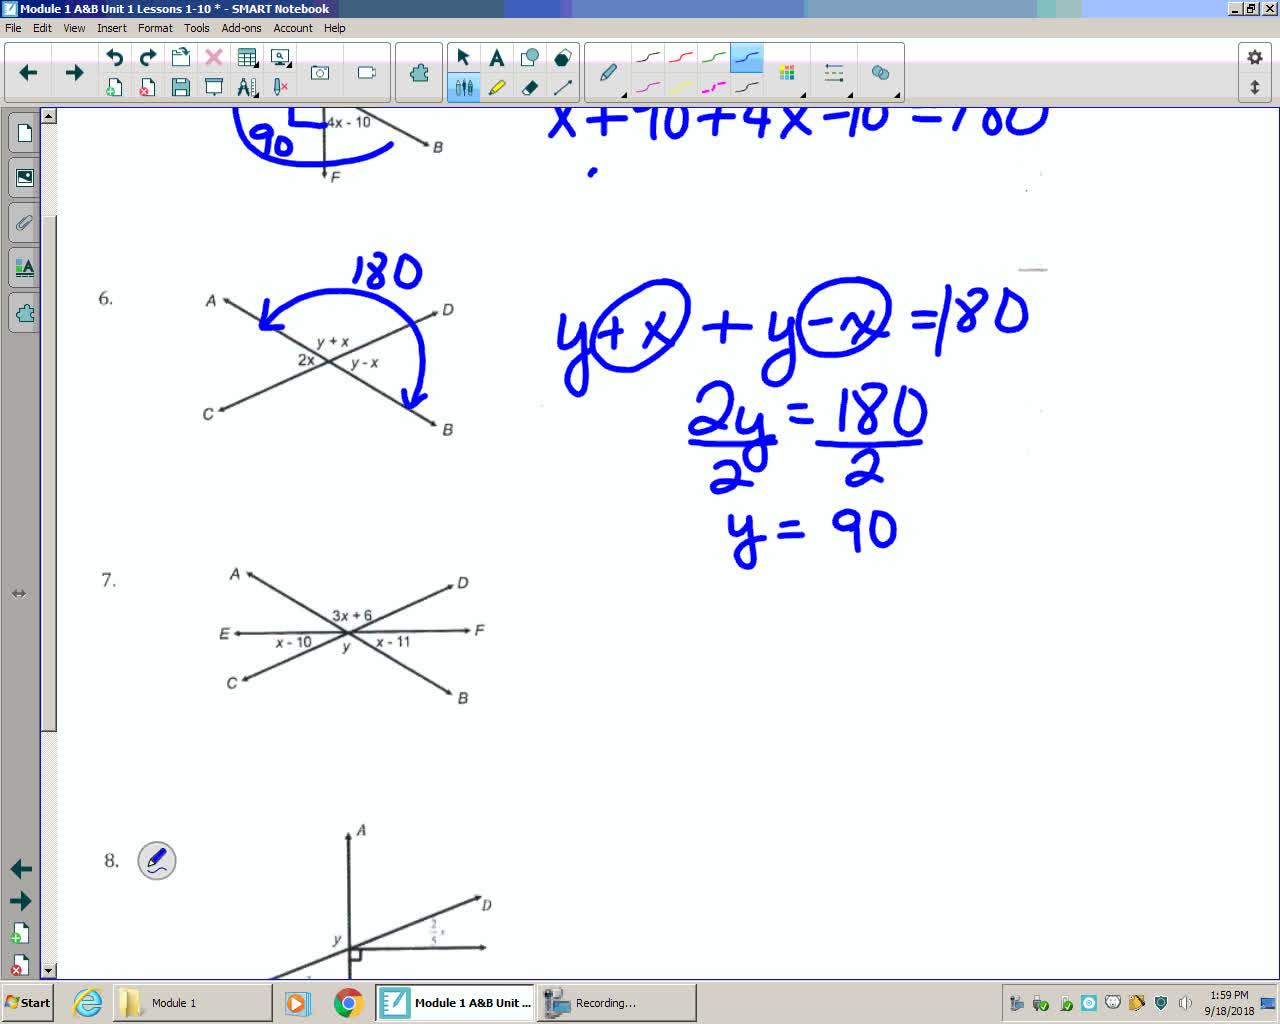 Mod 1 Lesson 7